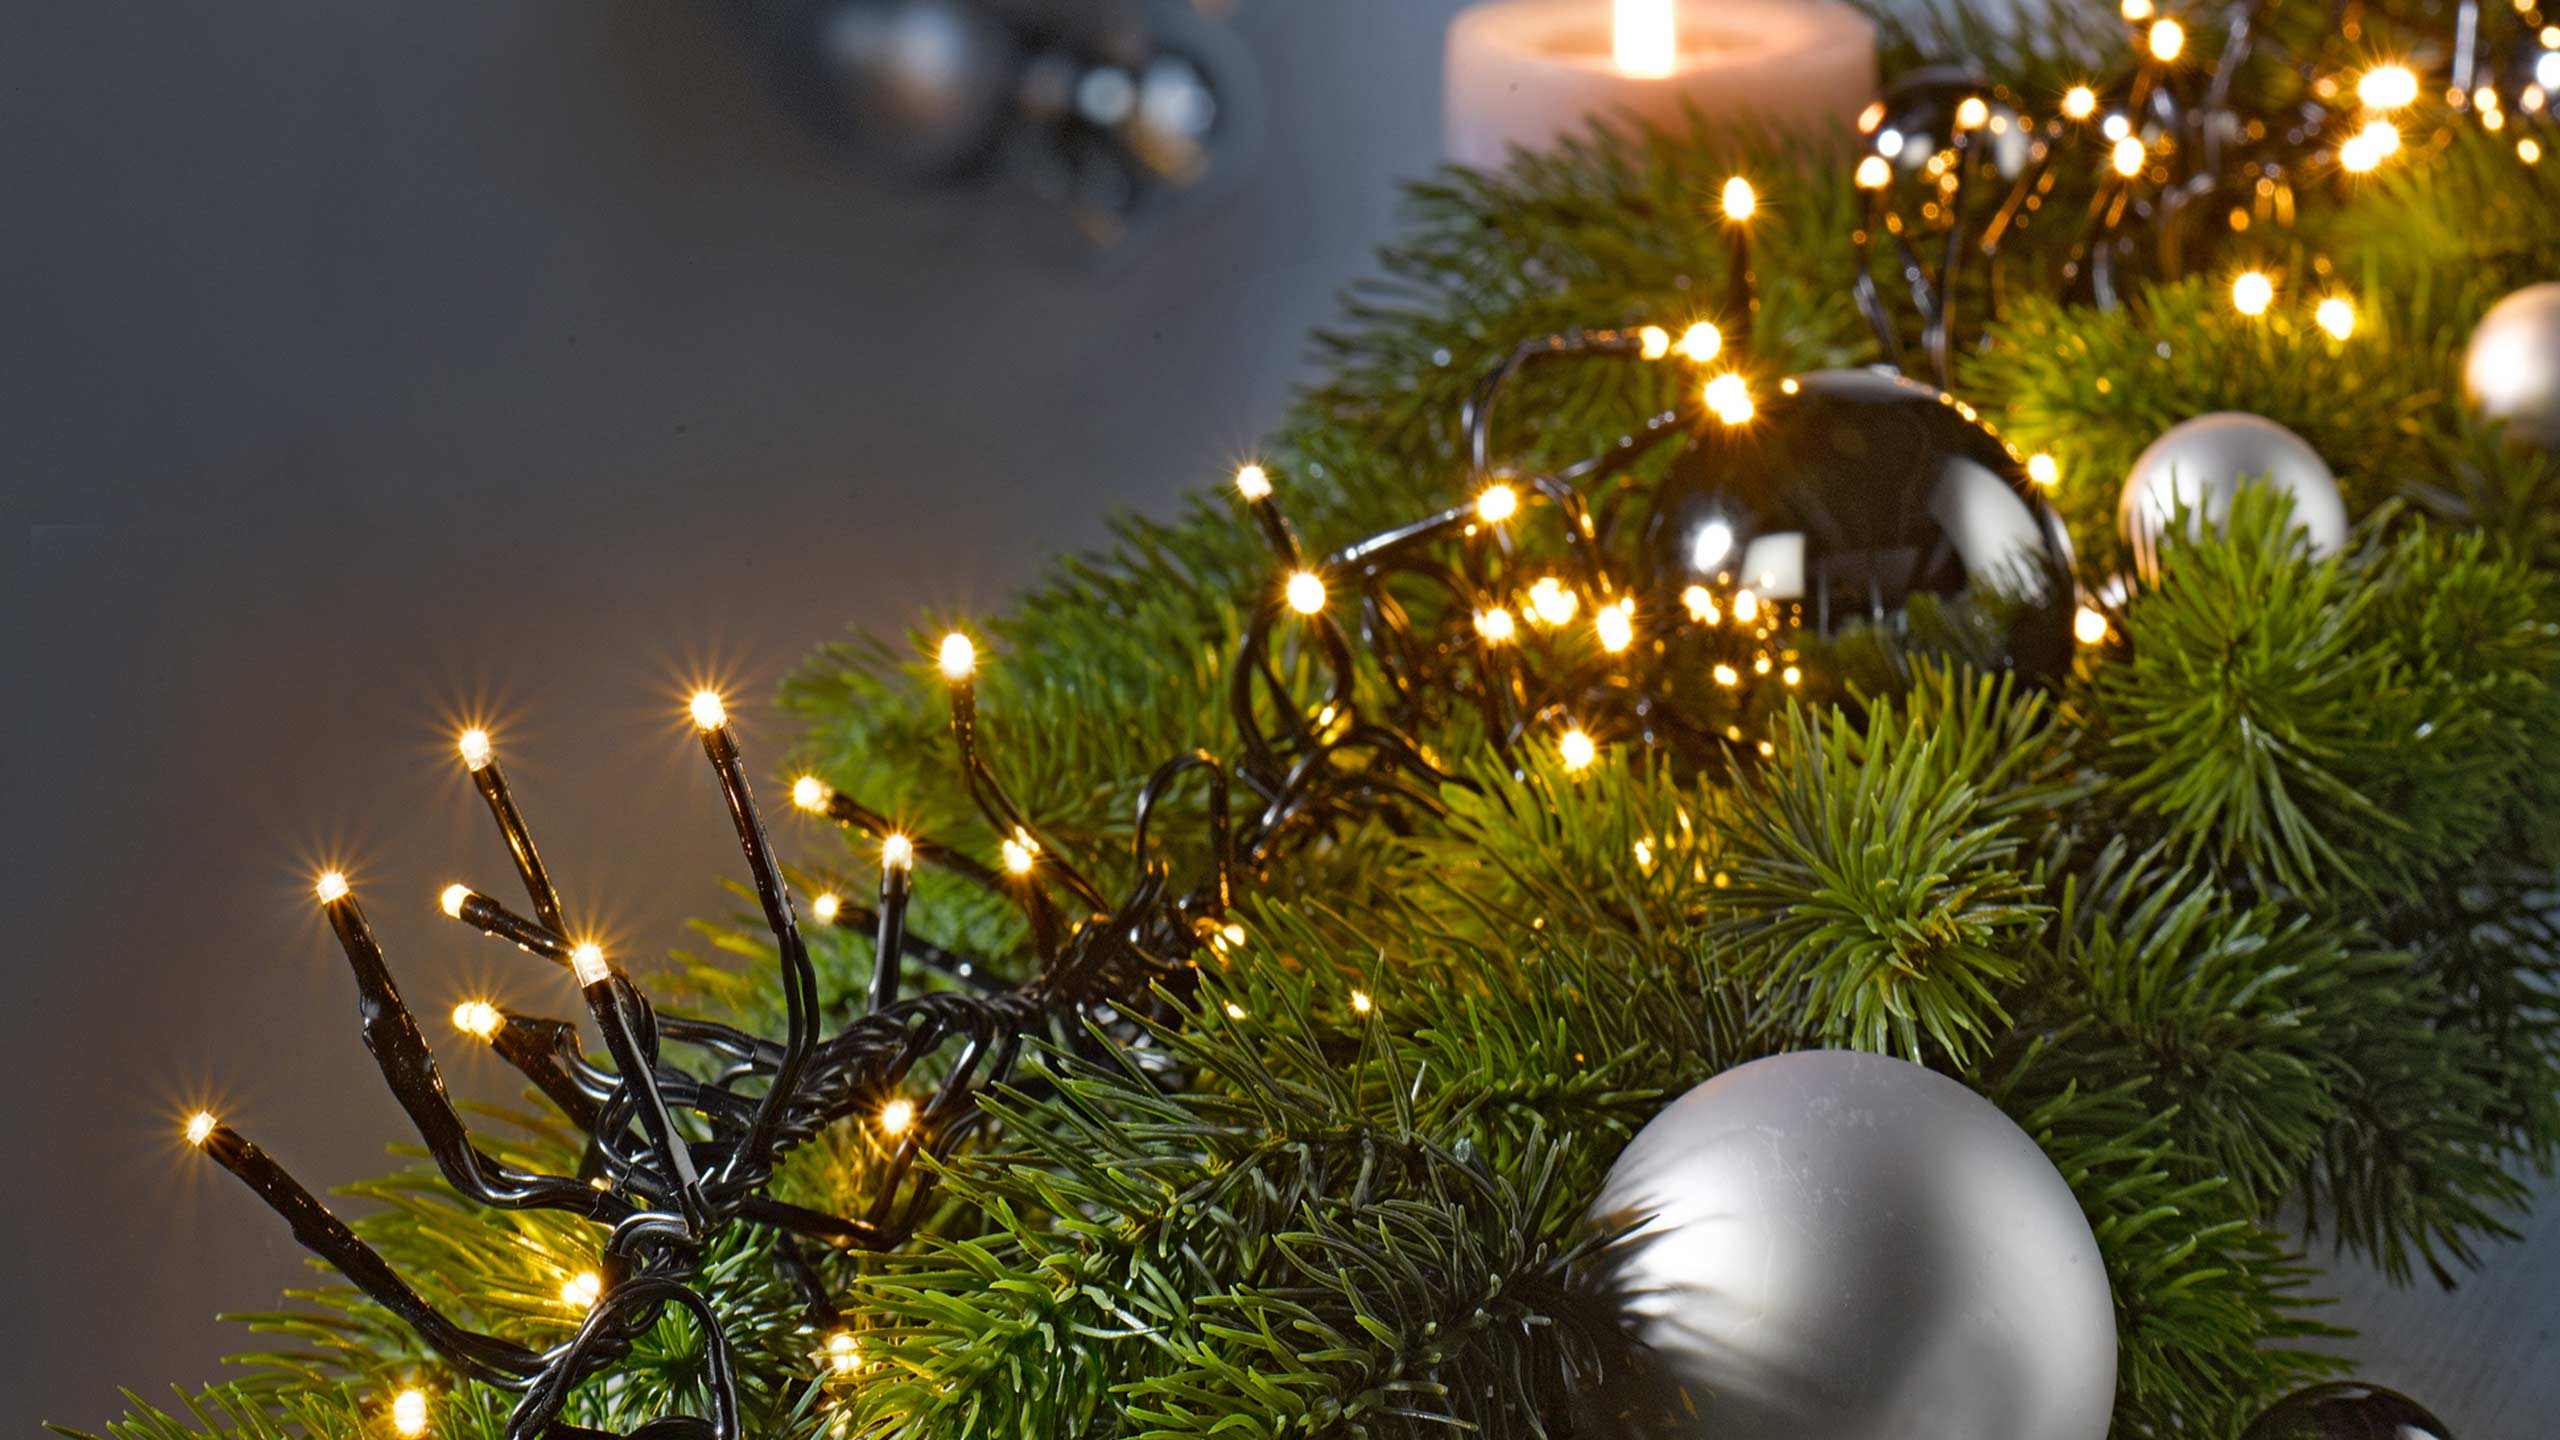 Deko Weihnachten Lichter Advent